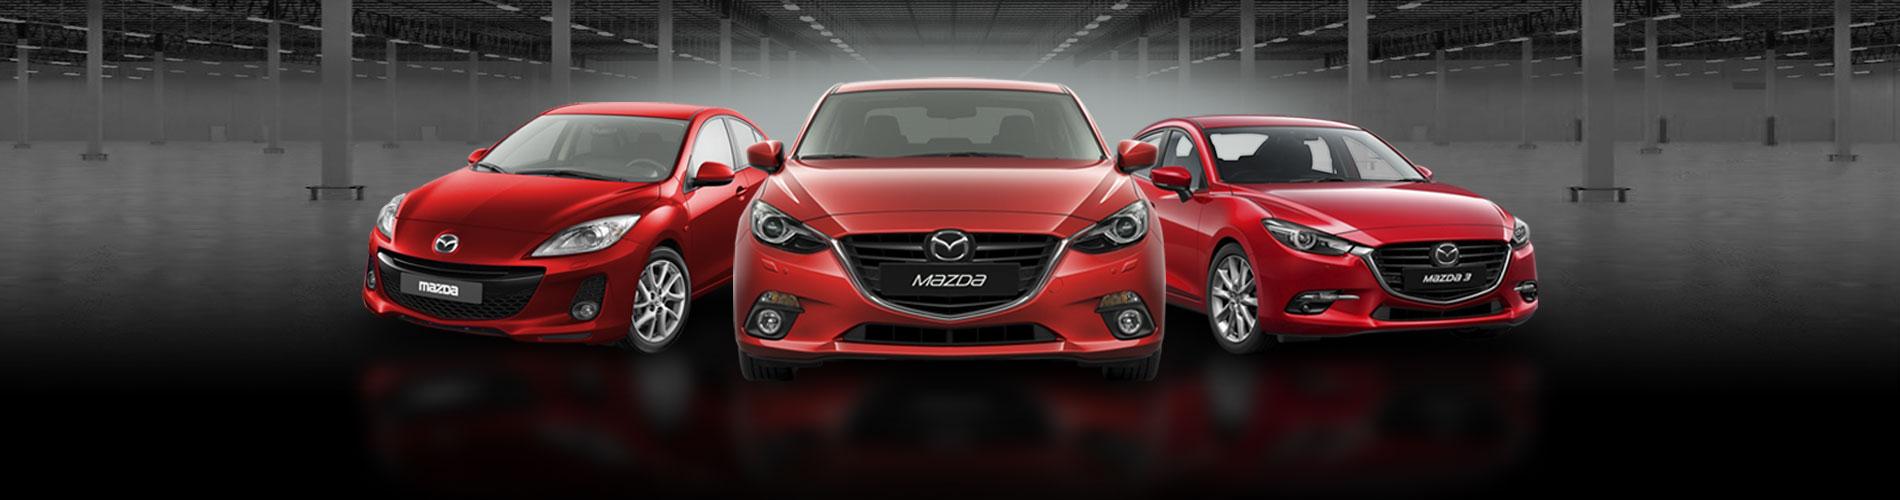 promo Mazda Zapata Seminuevos